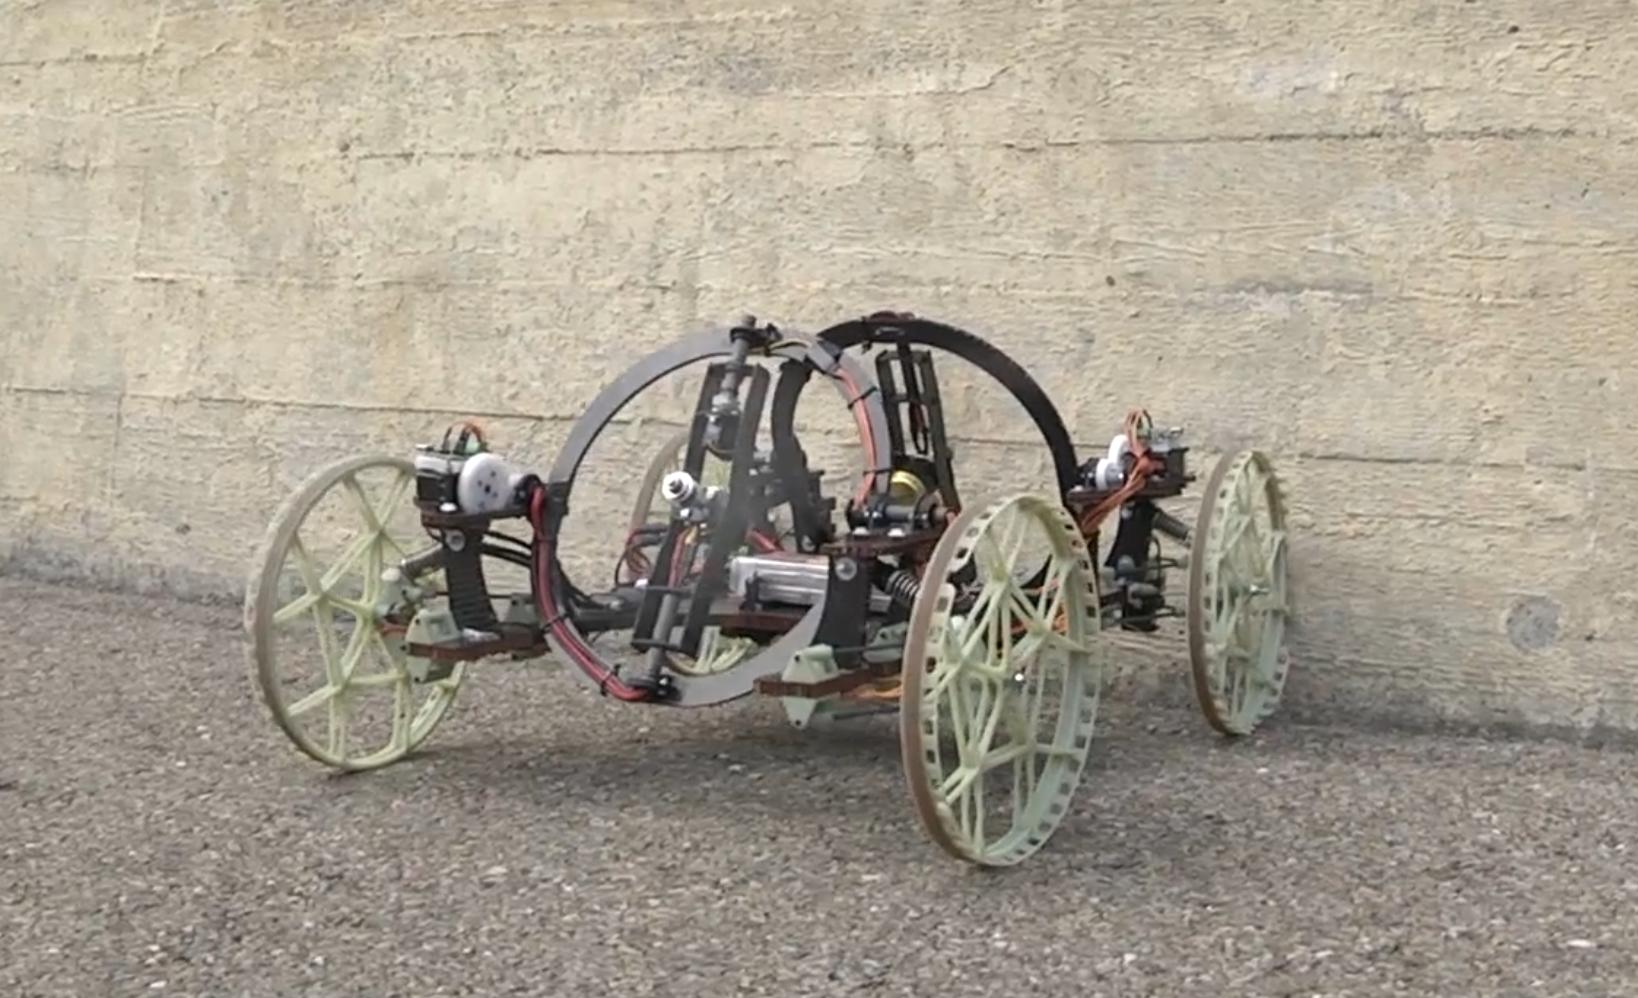 Disney has developed a robot called VertiGo that can climb walls.